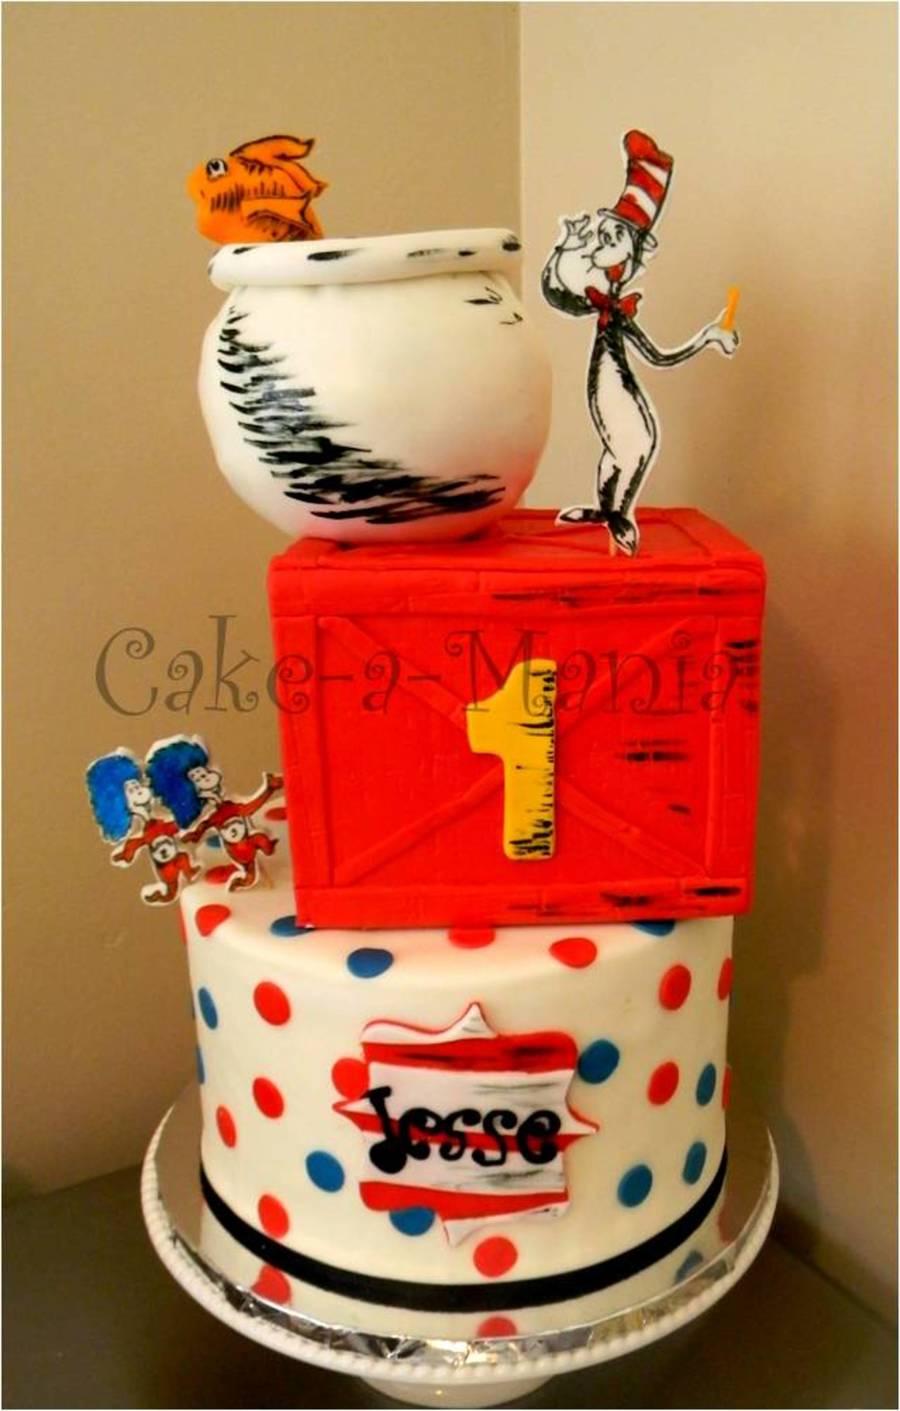 Cake Deco Mania : Cake-A-Mania 2013 - CakeCentral.com